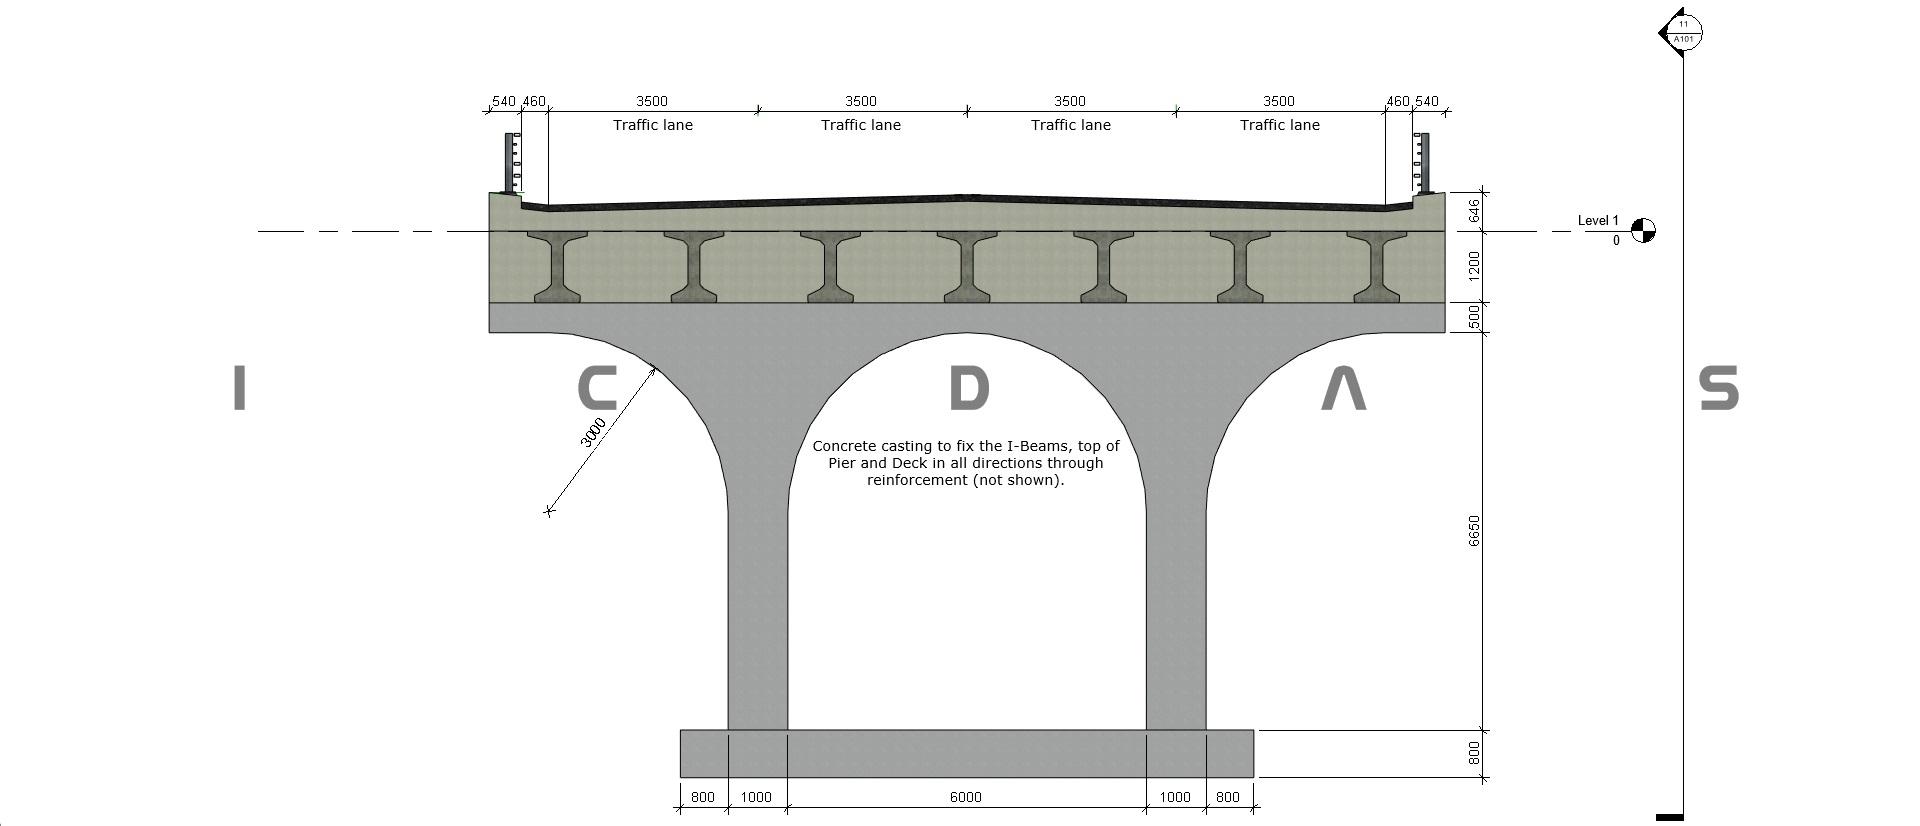 485003 Beam Bridge Diagram Figure Revit Center Pier